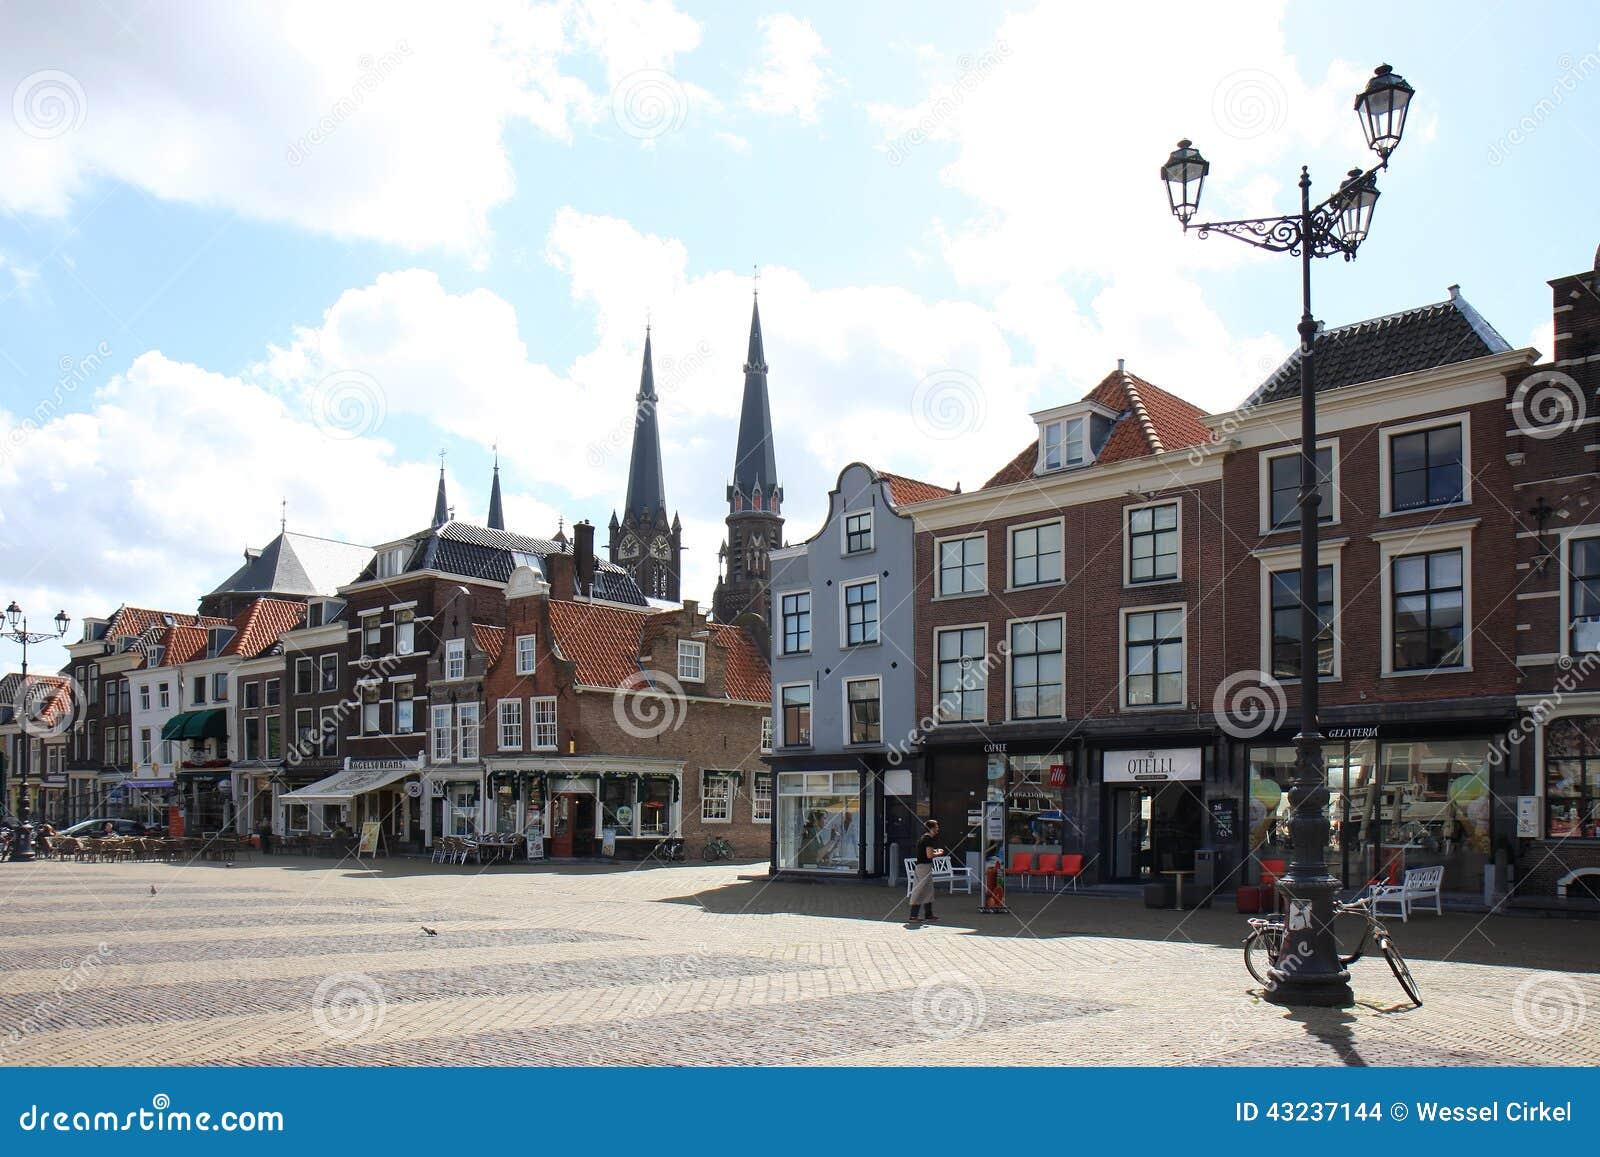 Facciate storiche olandesi sul quadrato del mercato delft for Grandi case a buon mercato